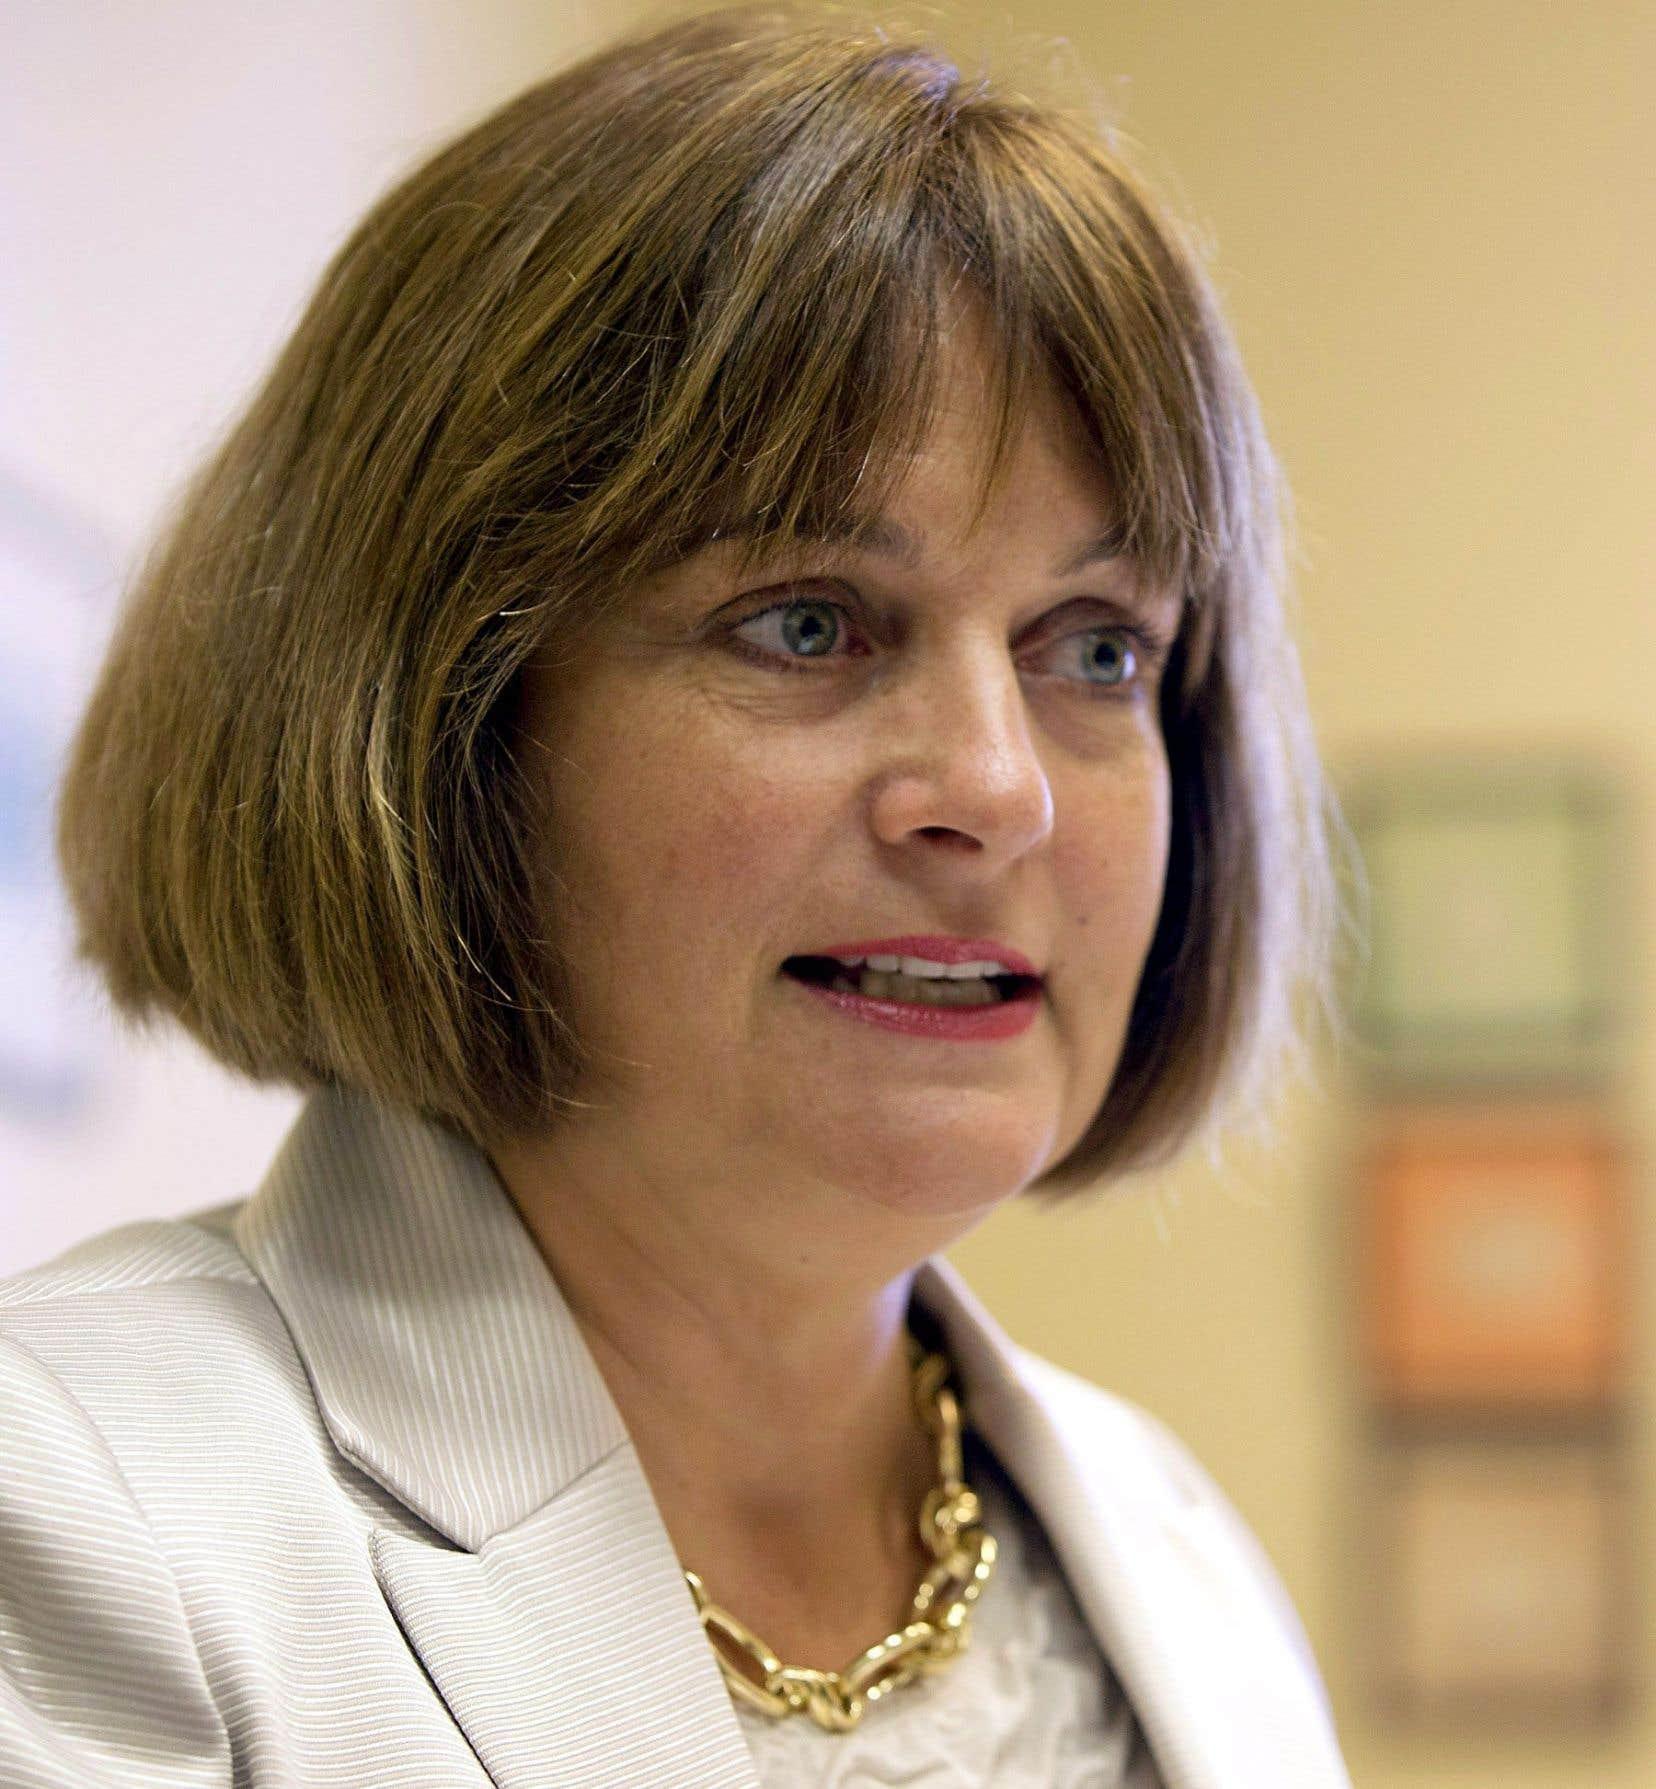 Julie Miville-Dechêne affirme qu'elle doit défendre les femmes utilisatrices du système de santé.